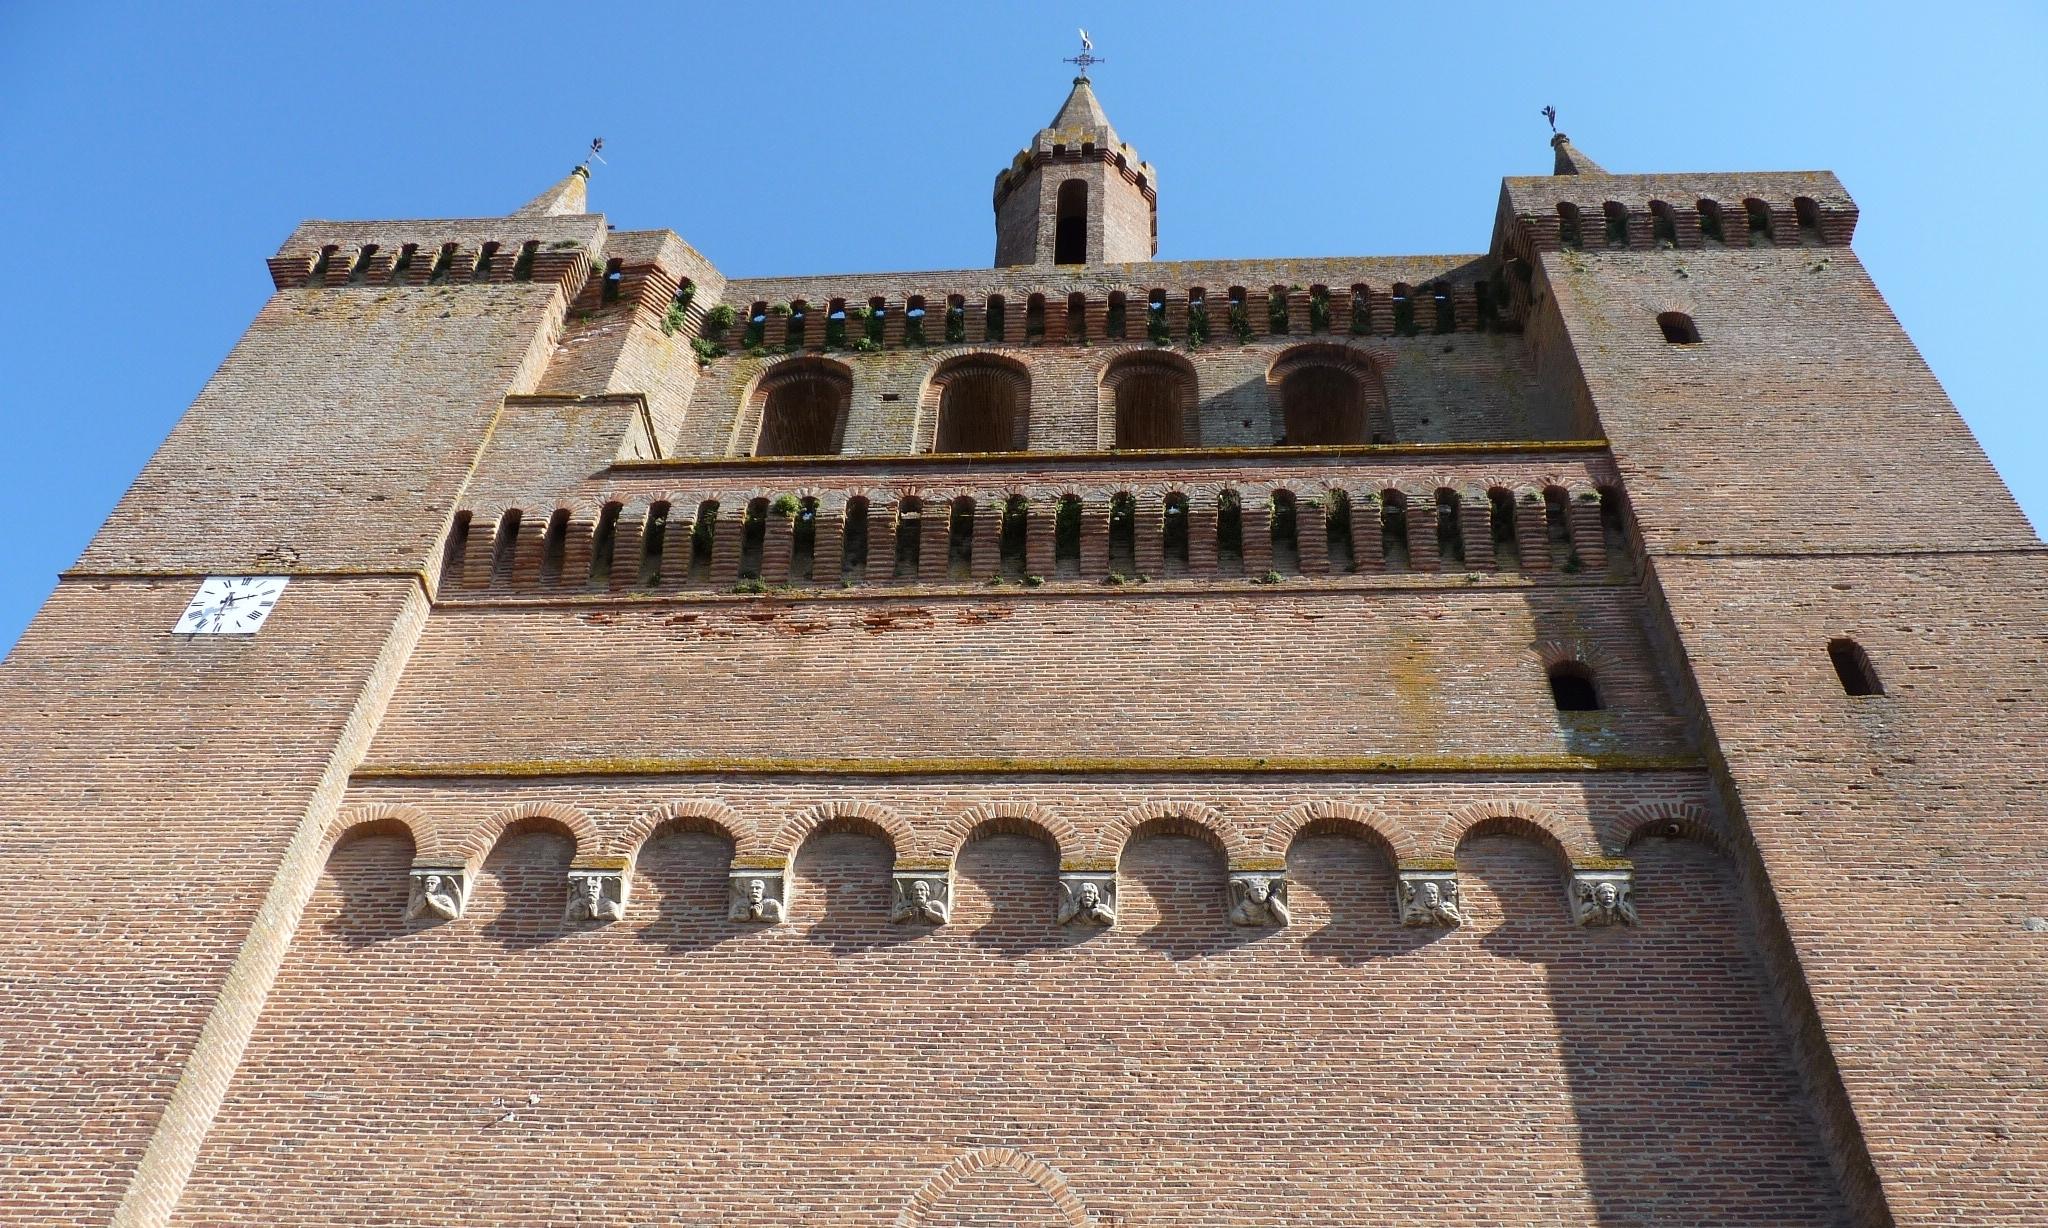 Le clocher-mur de l'église Saint-Sulpice